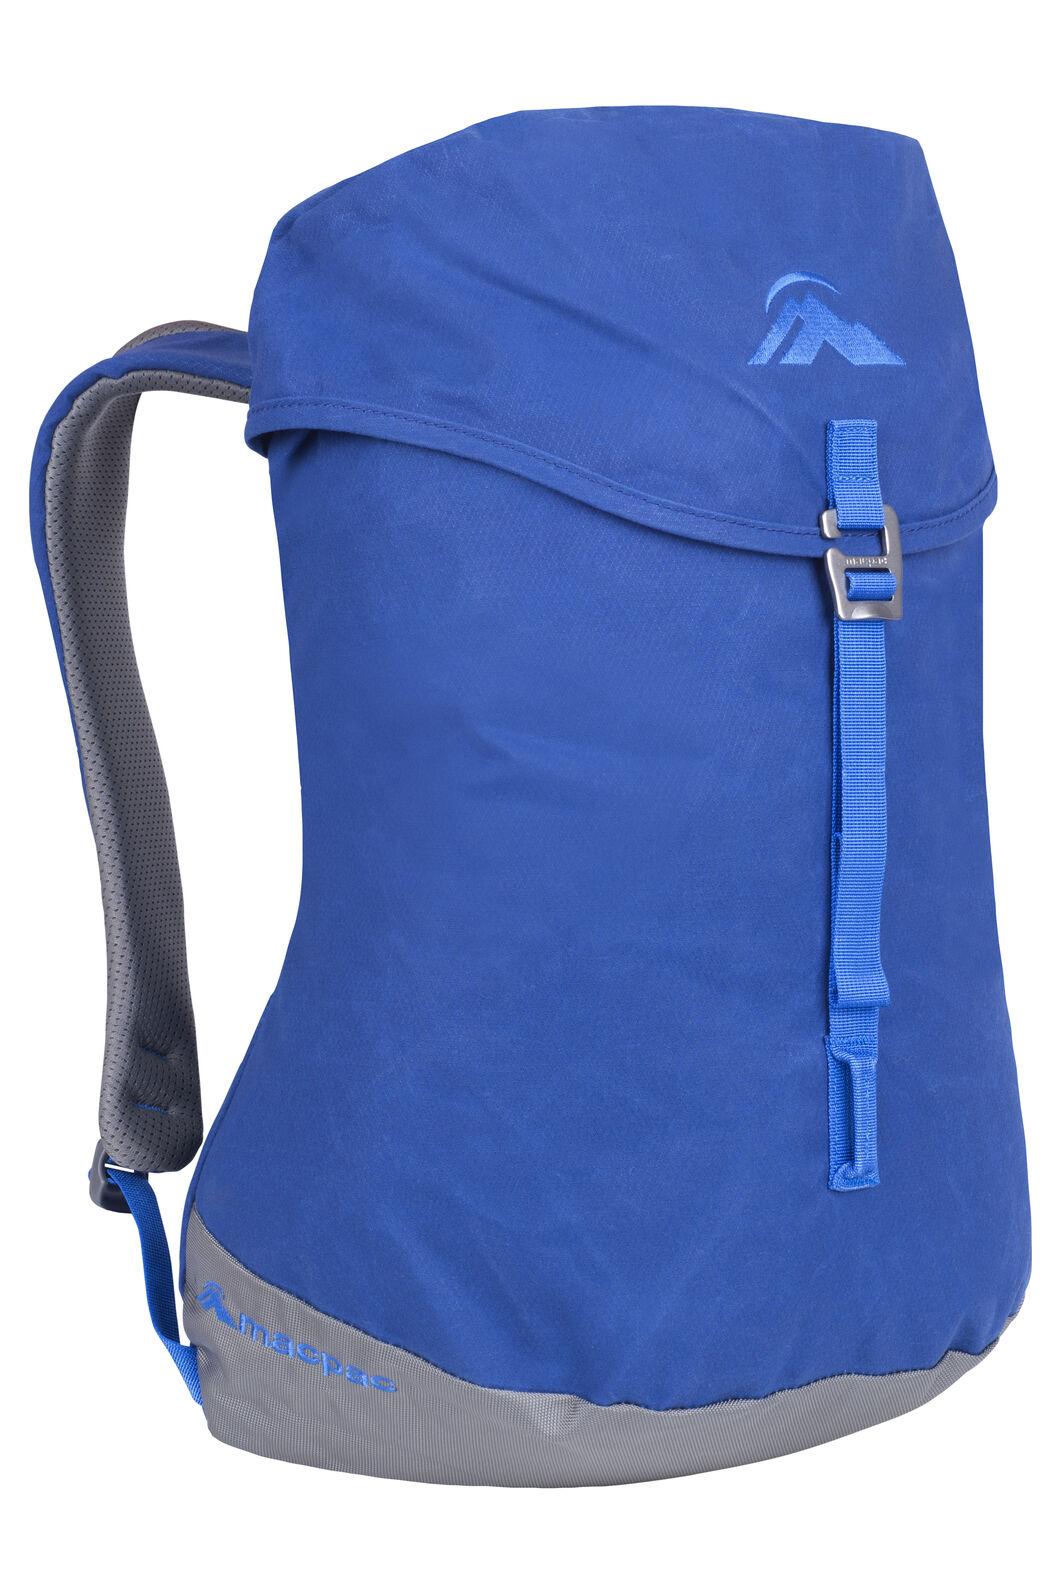 Packable Weka 20L AzTec® Pack, Dusky Blue, hi-res